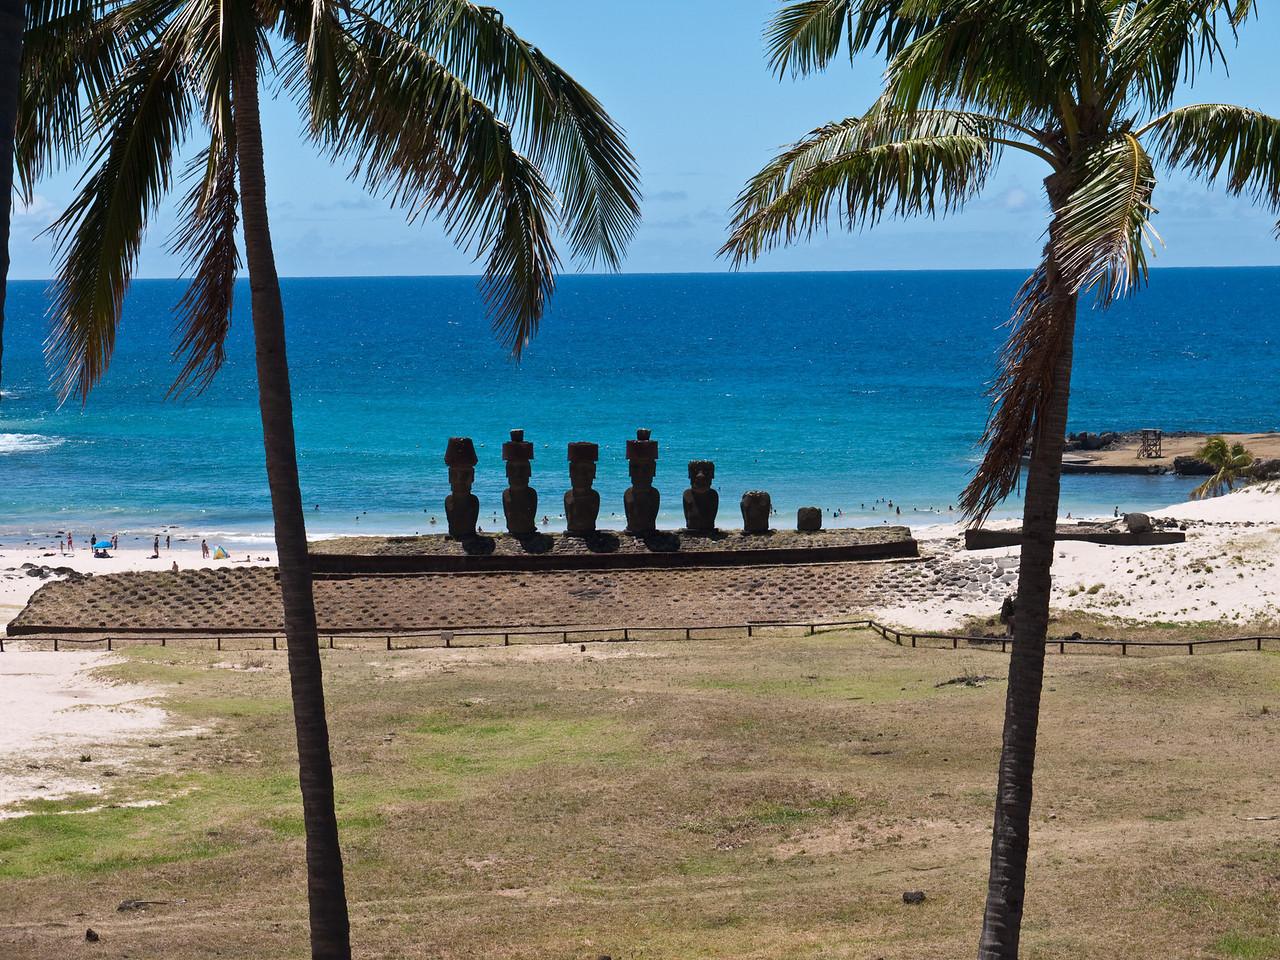 Moai on the beach at Anakena